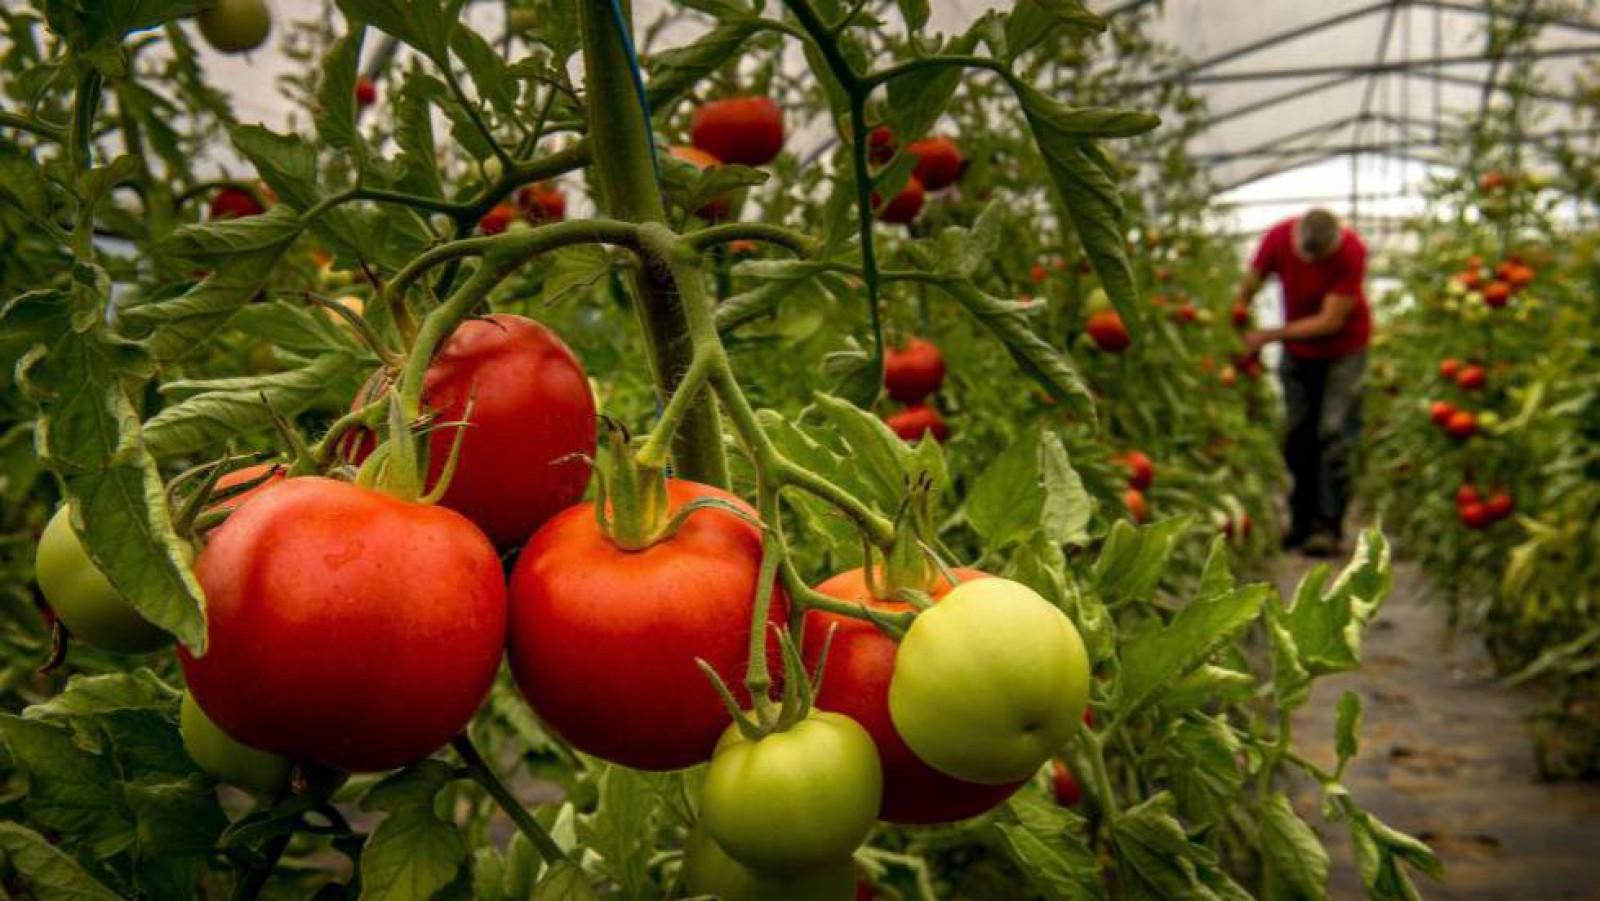 În atenția producătorilor! Două focare de dăunători de tomate au fost depistate la Ialoveni